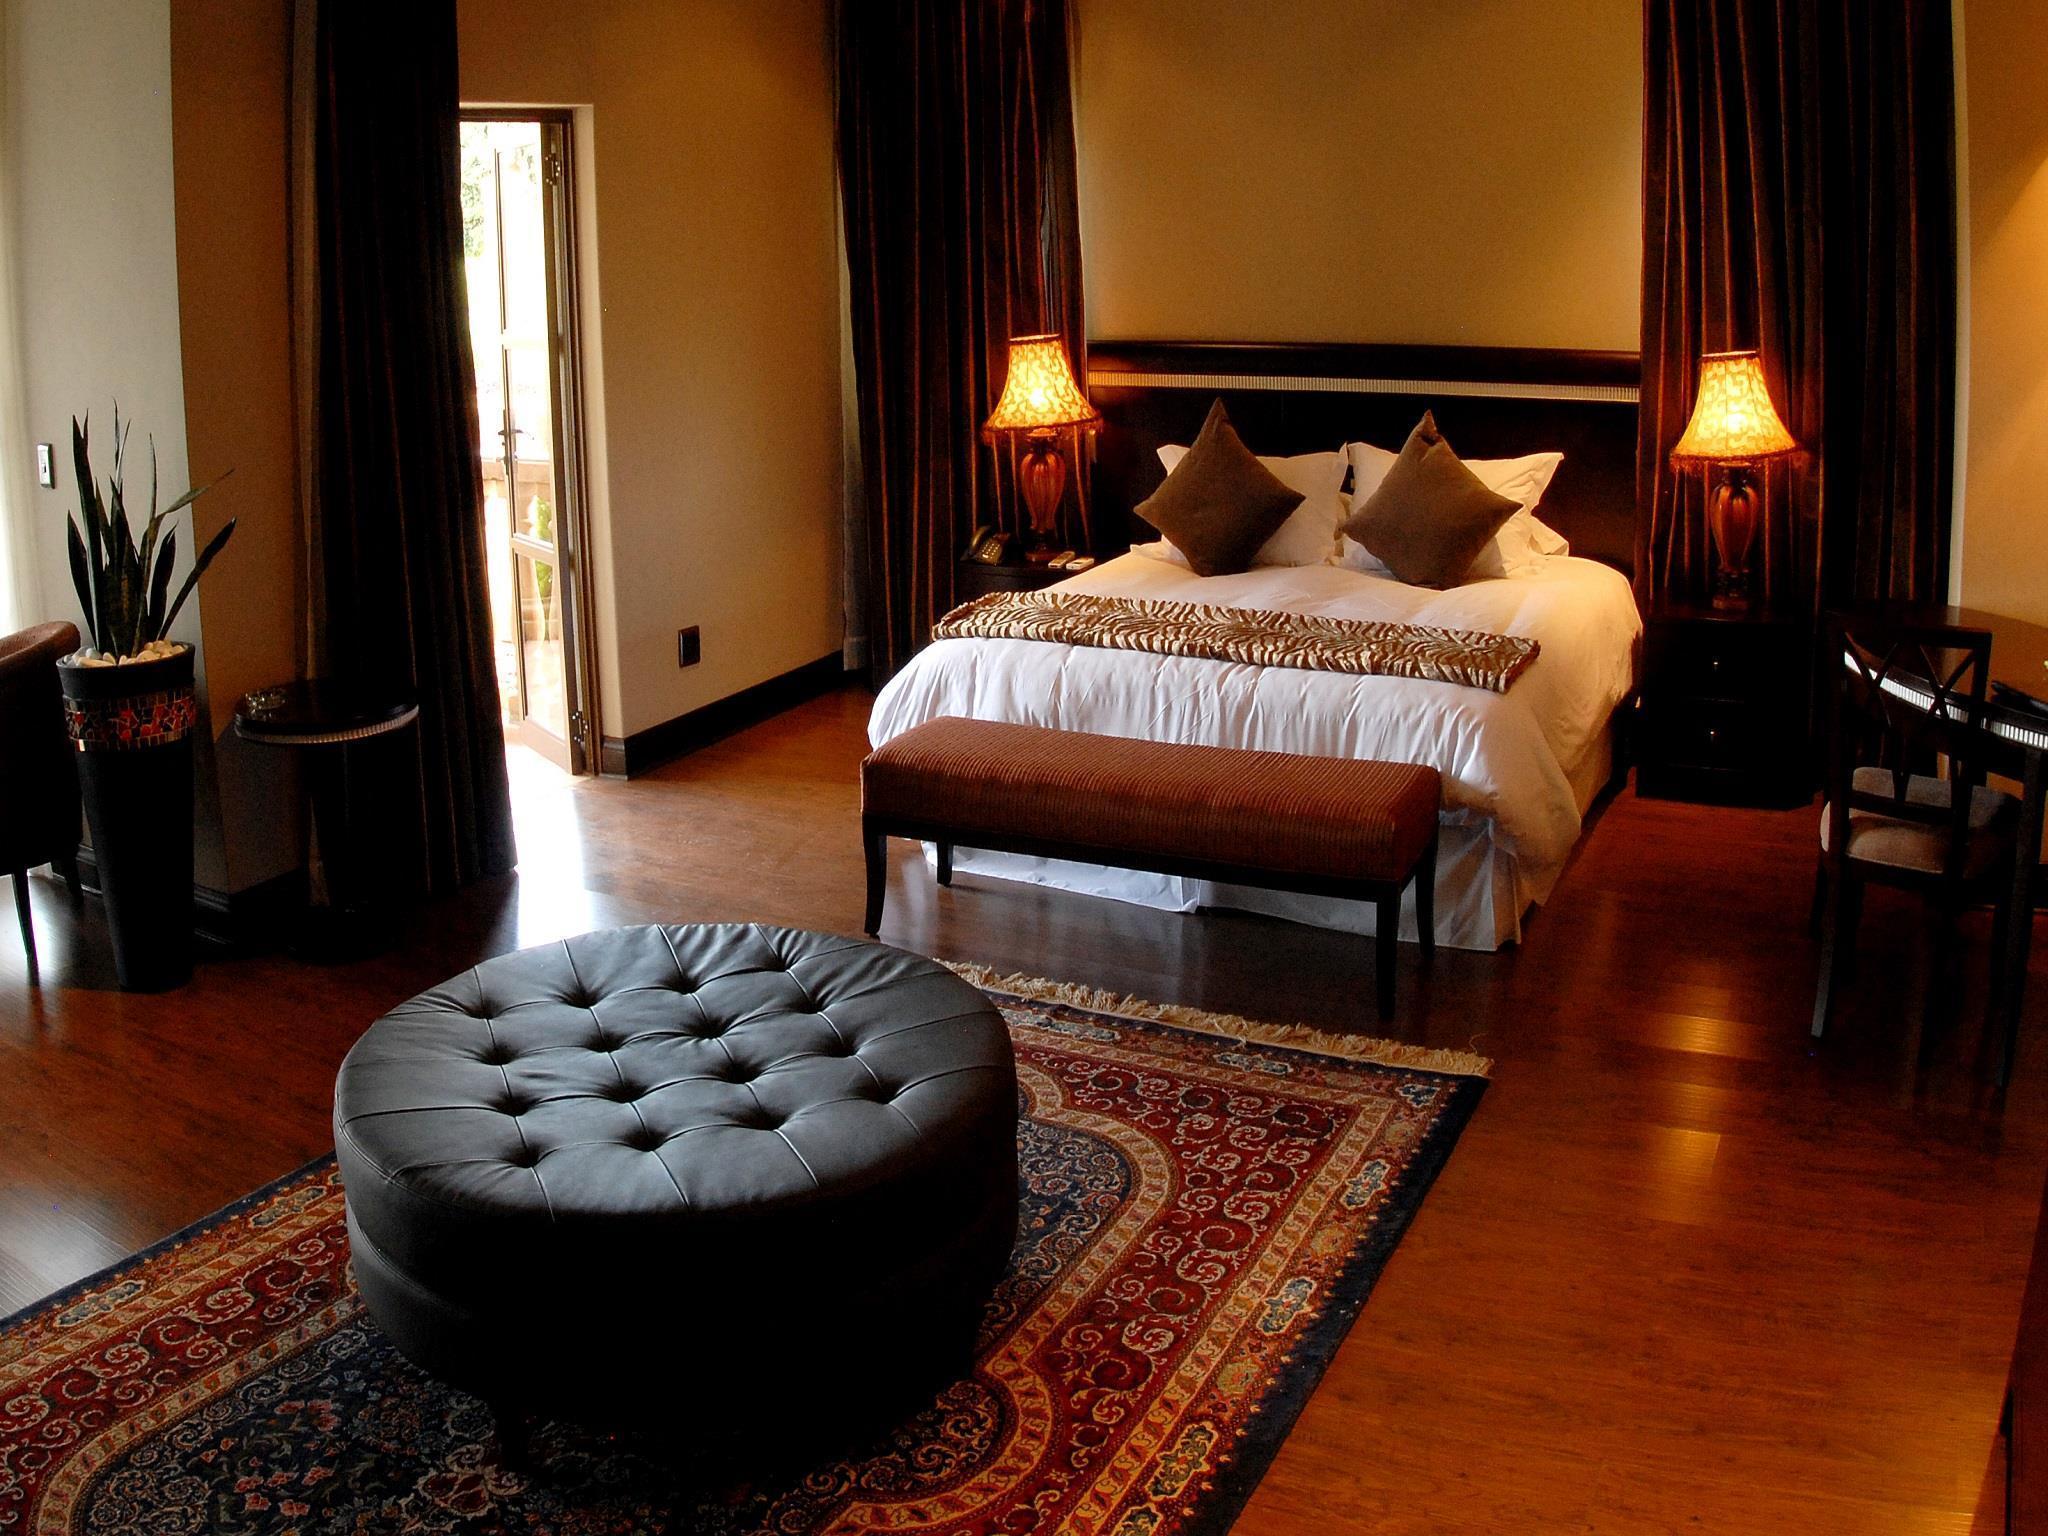 Velmore Hotel Estate, City of Tshwane